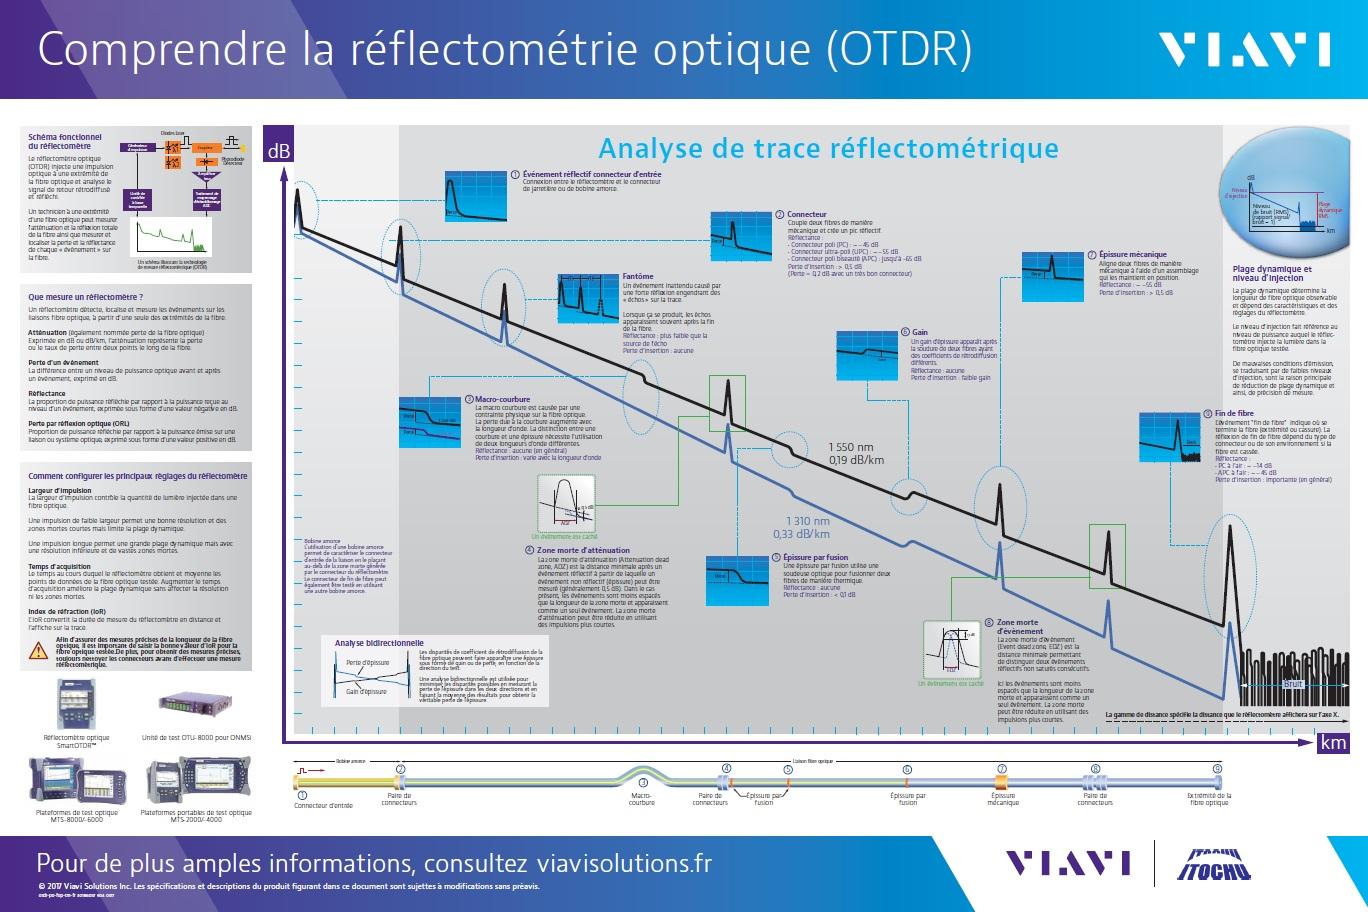 comprendre la reflectometrie